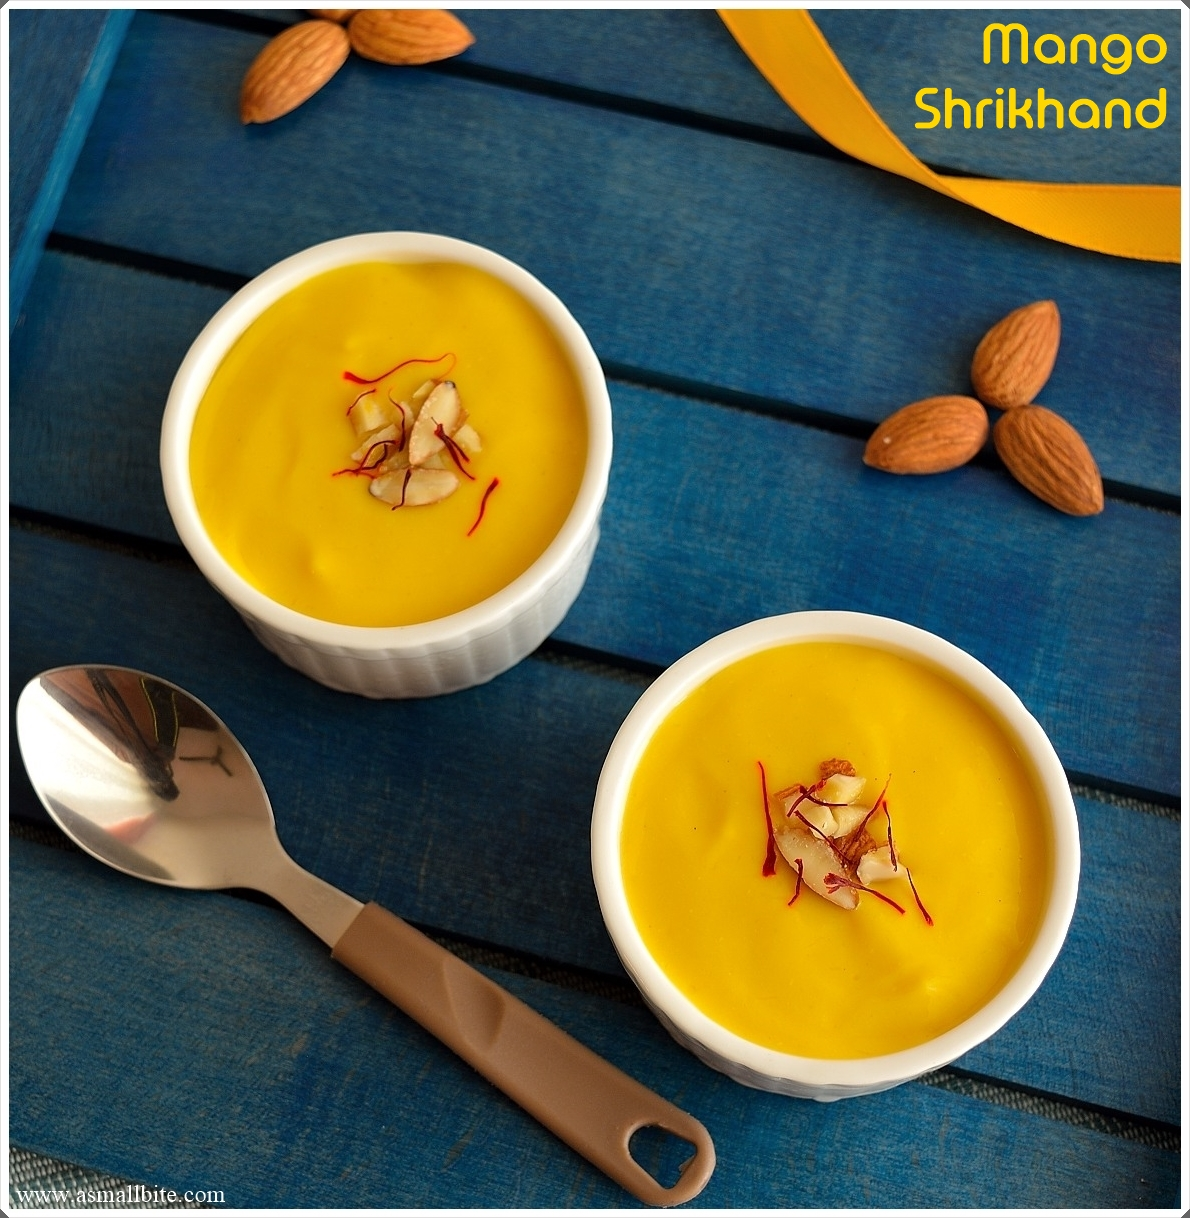 Mango Shrikhand Recipe 9